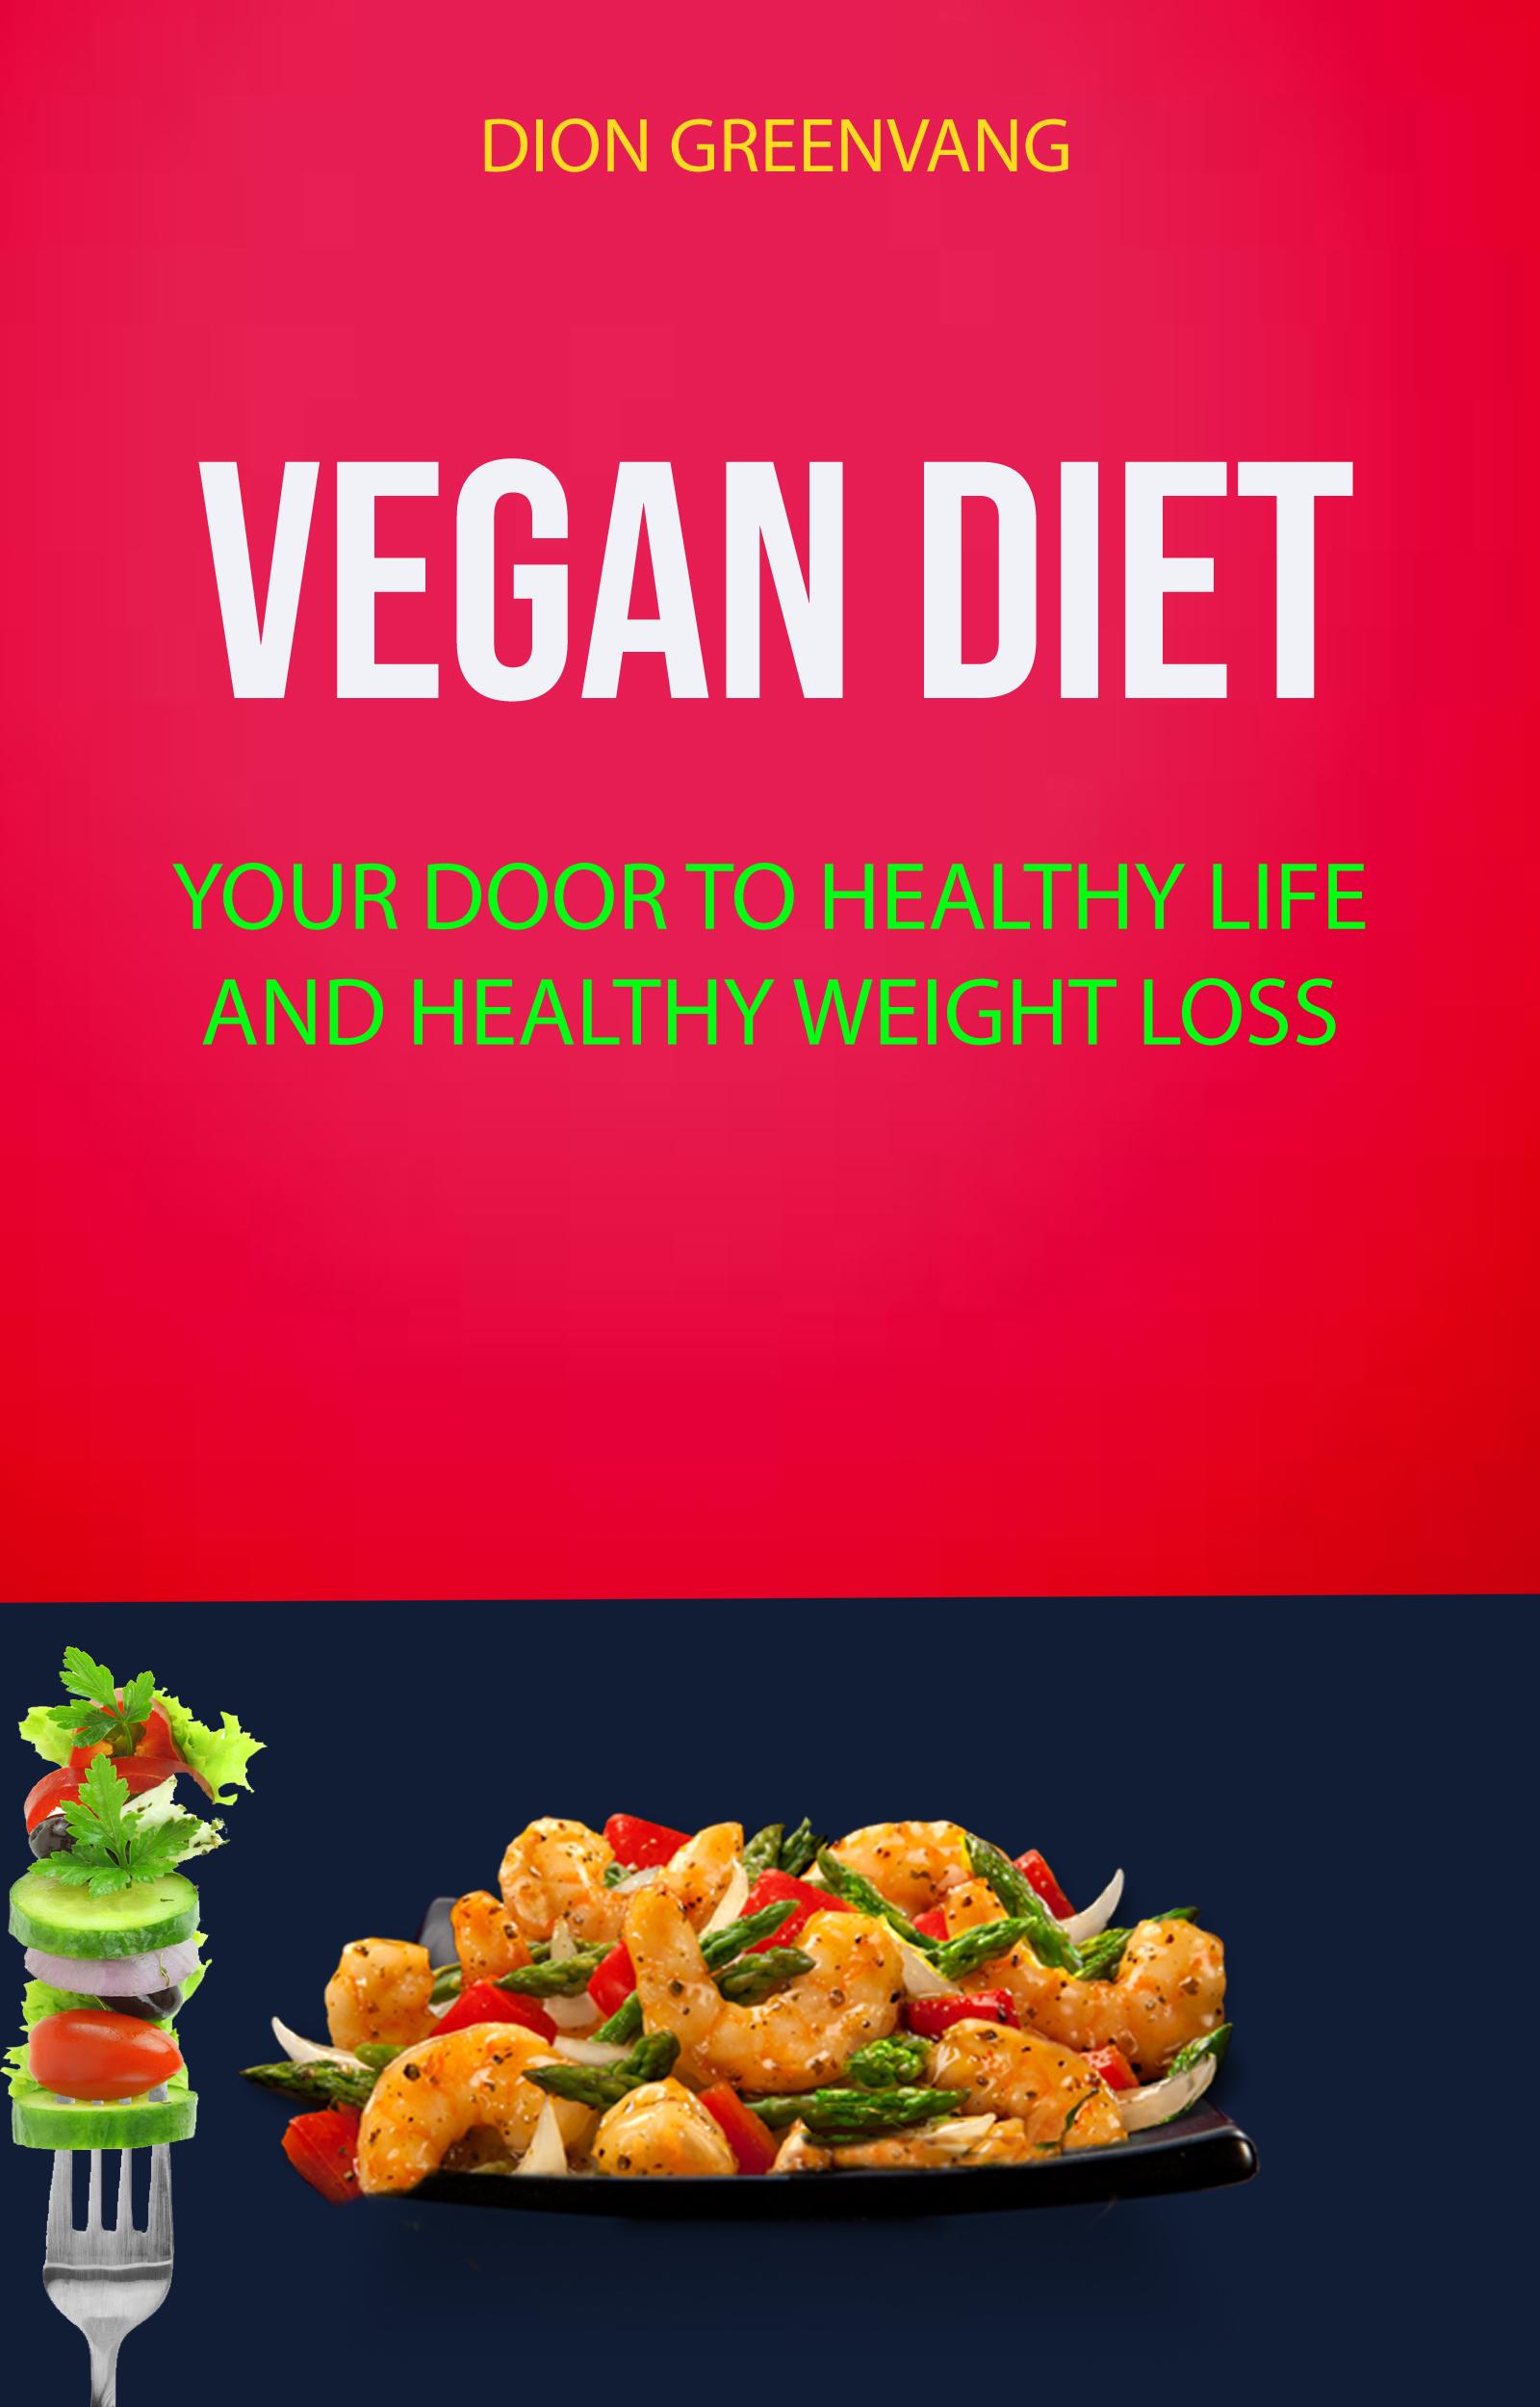 Vegan diet: your door to healthy life and healthy weight loss